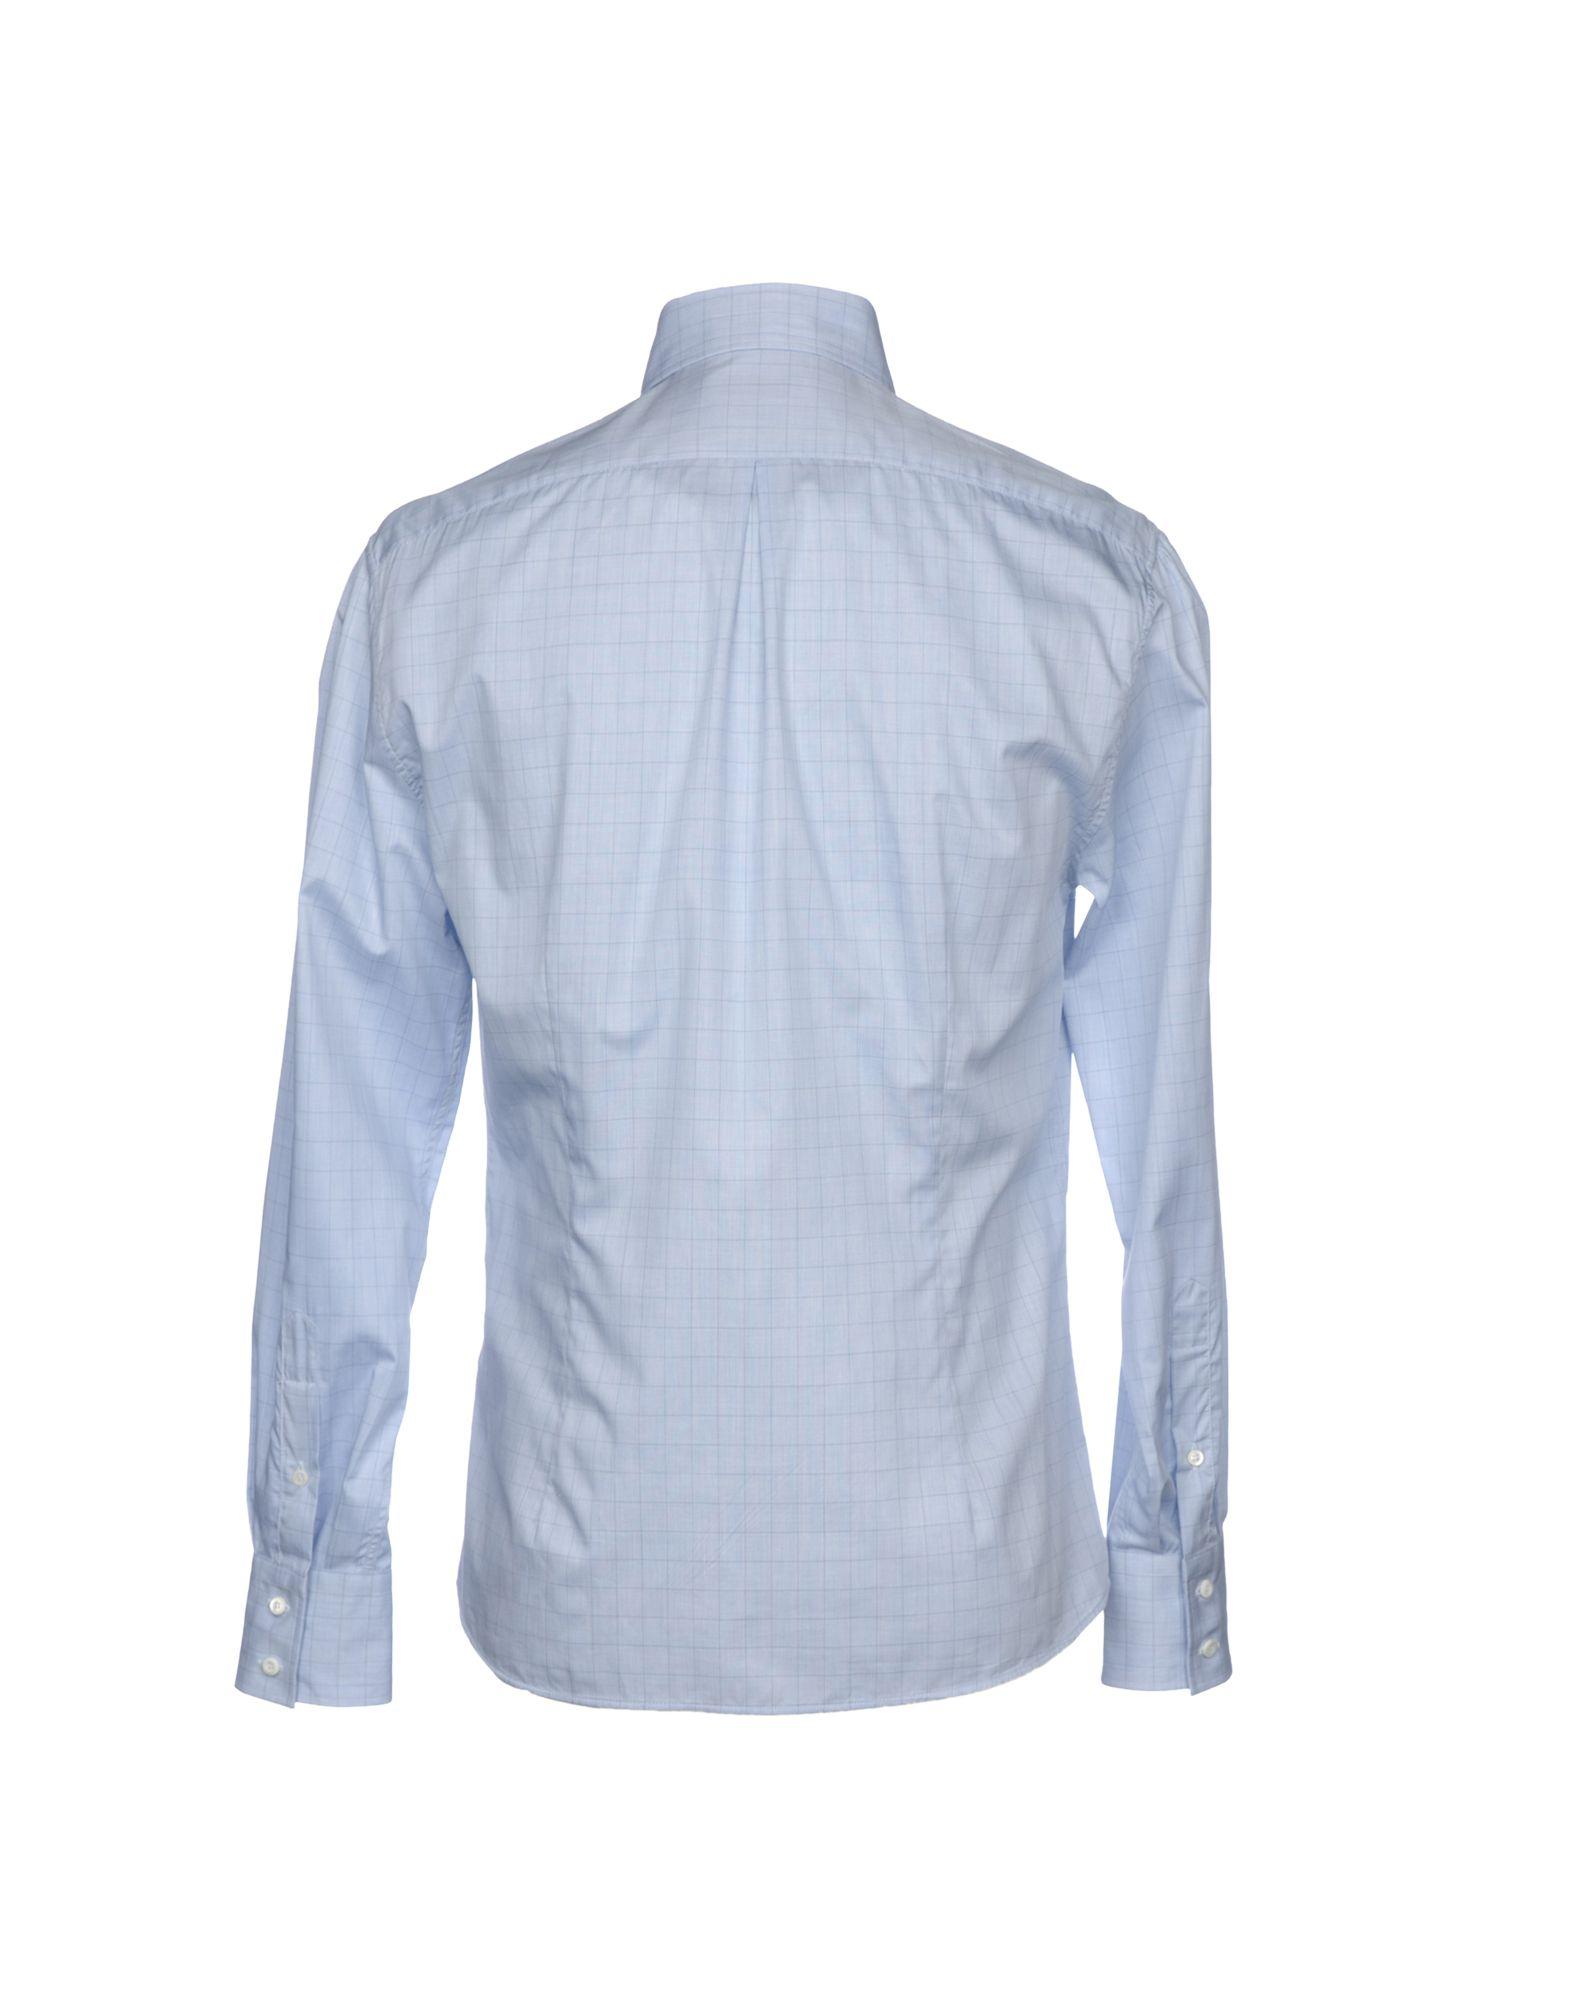 Camicia A Quadri Quadri A Brunello Cucinelli Uomo - 38759117TL fdcf5d